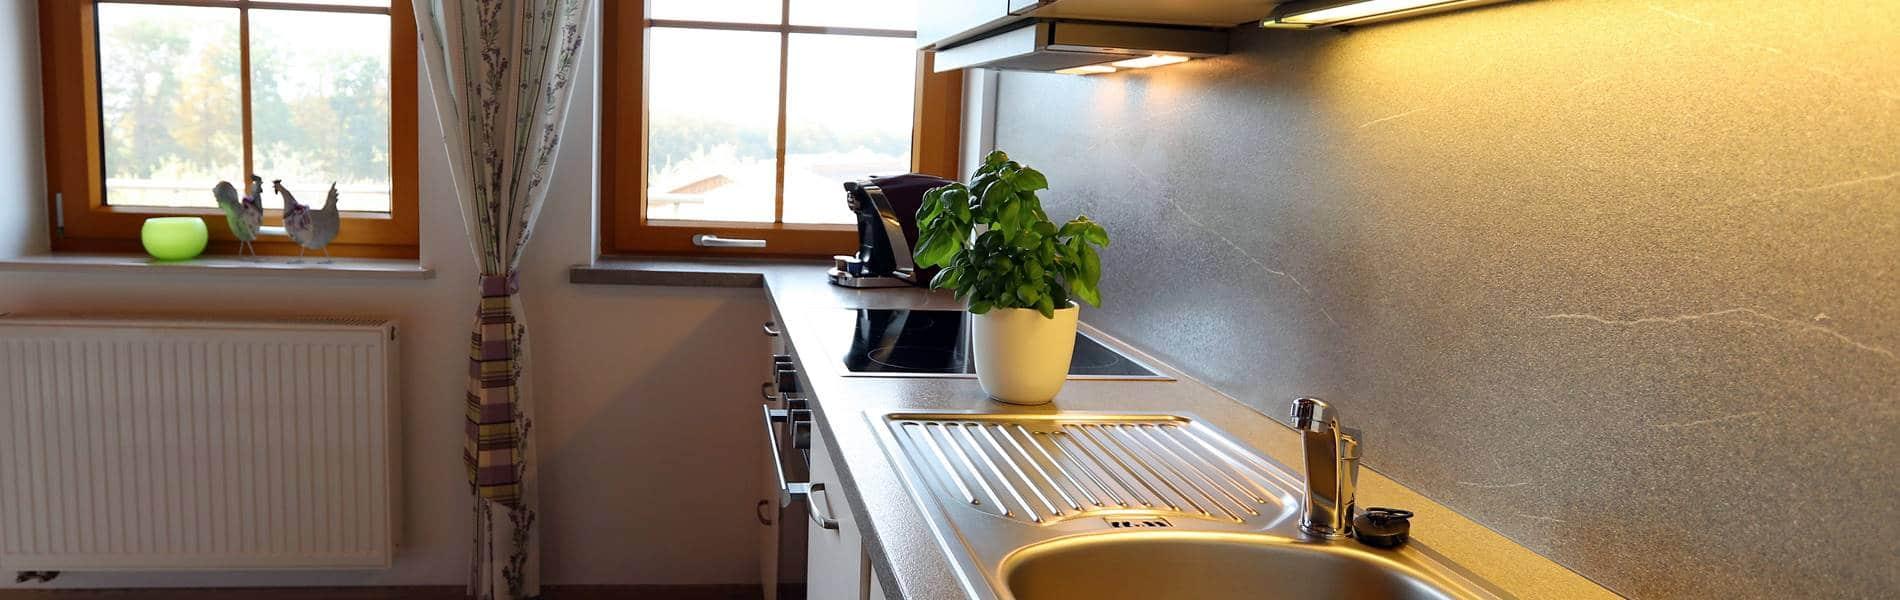 ferienwohnung-lavendel-küchenzeile